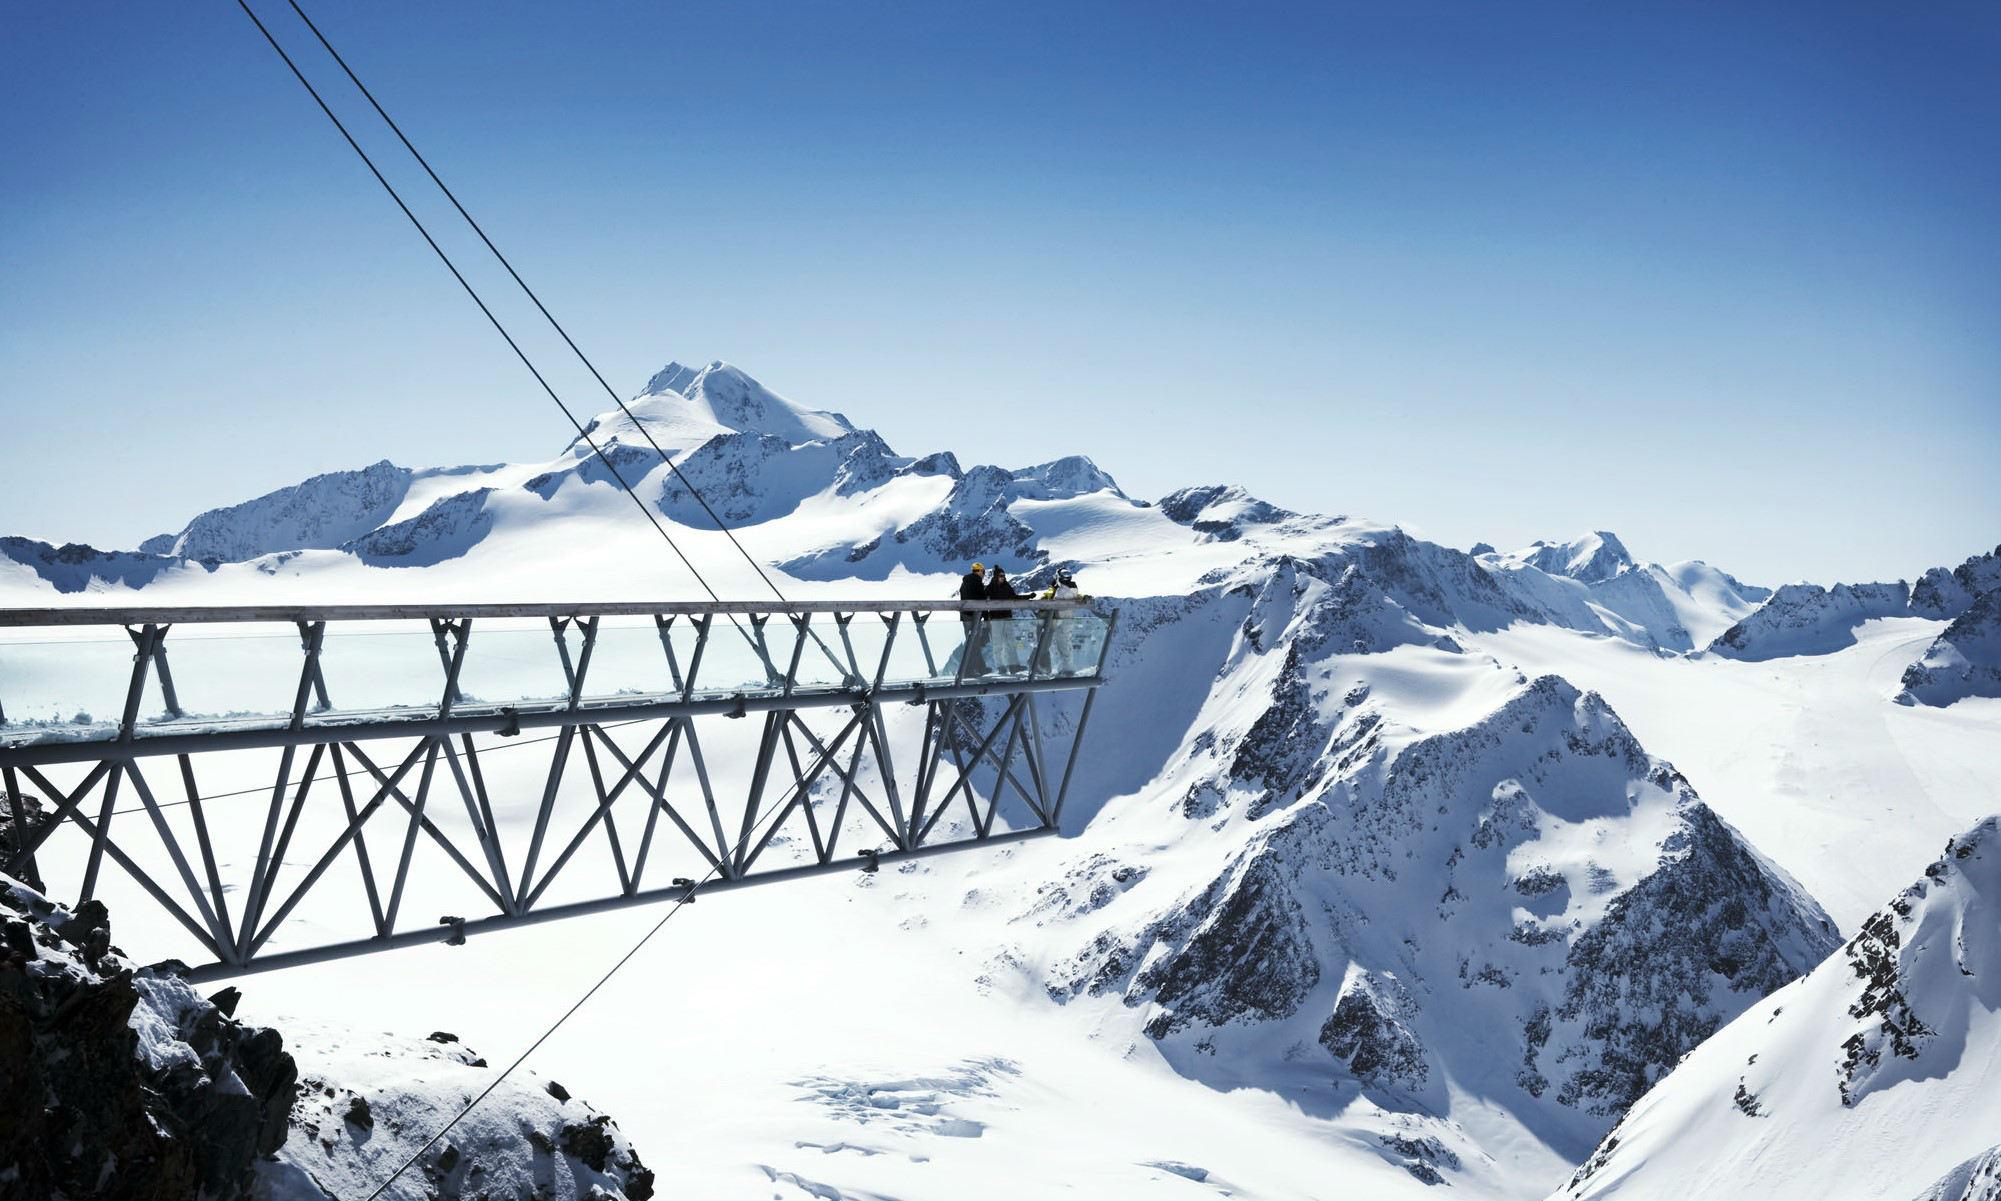 De Tiefenbachkogl heeft een 25 meter lang platform dat een spectaculair uitzicht biedt op de besneeuwde bergen.